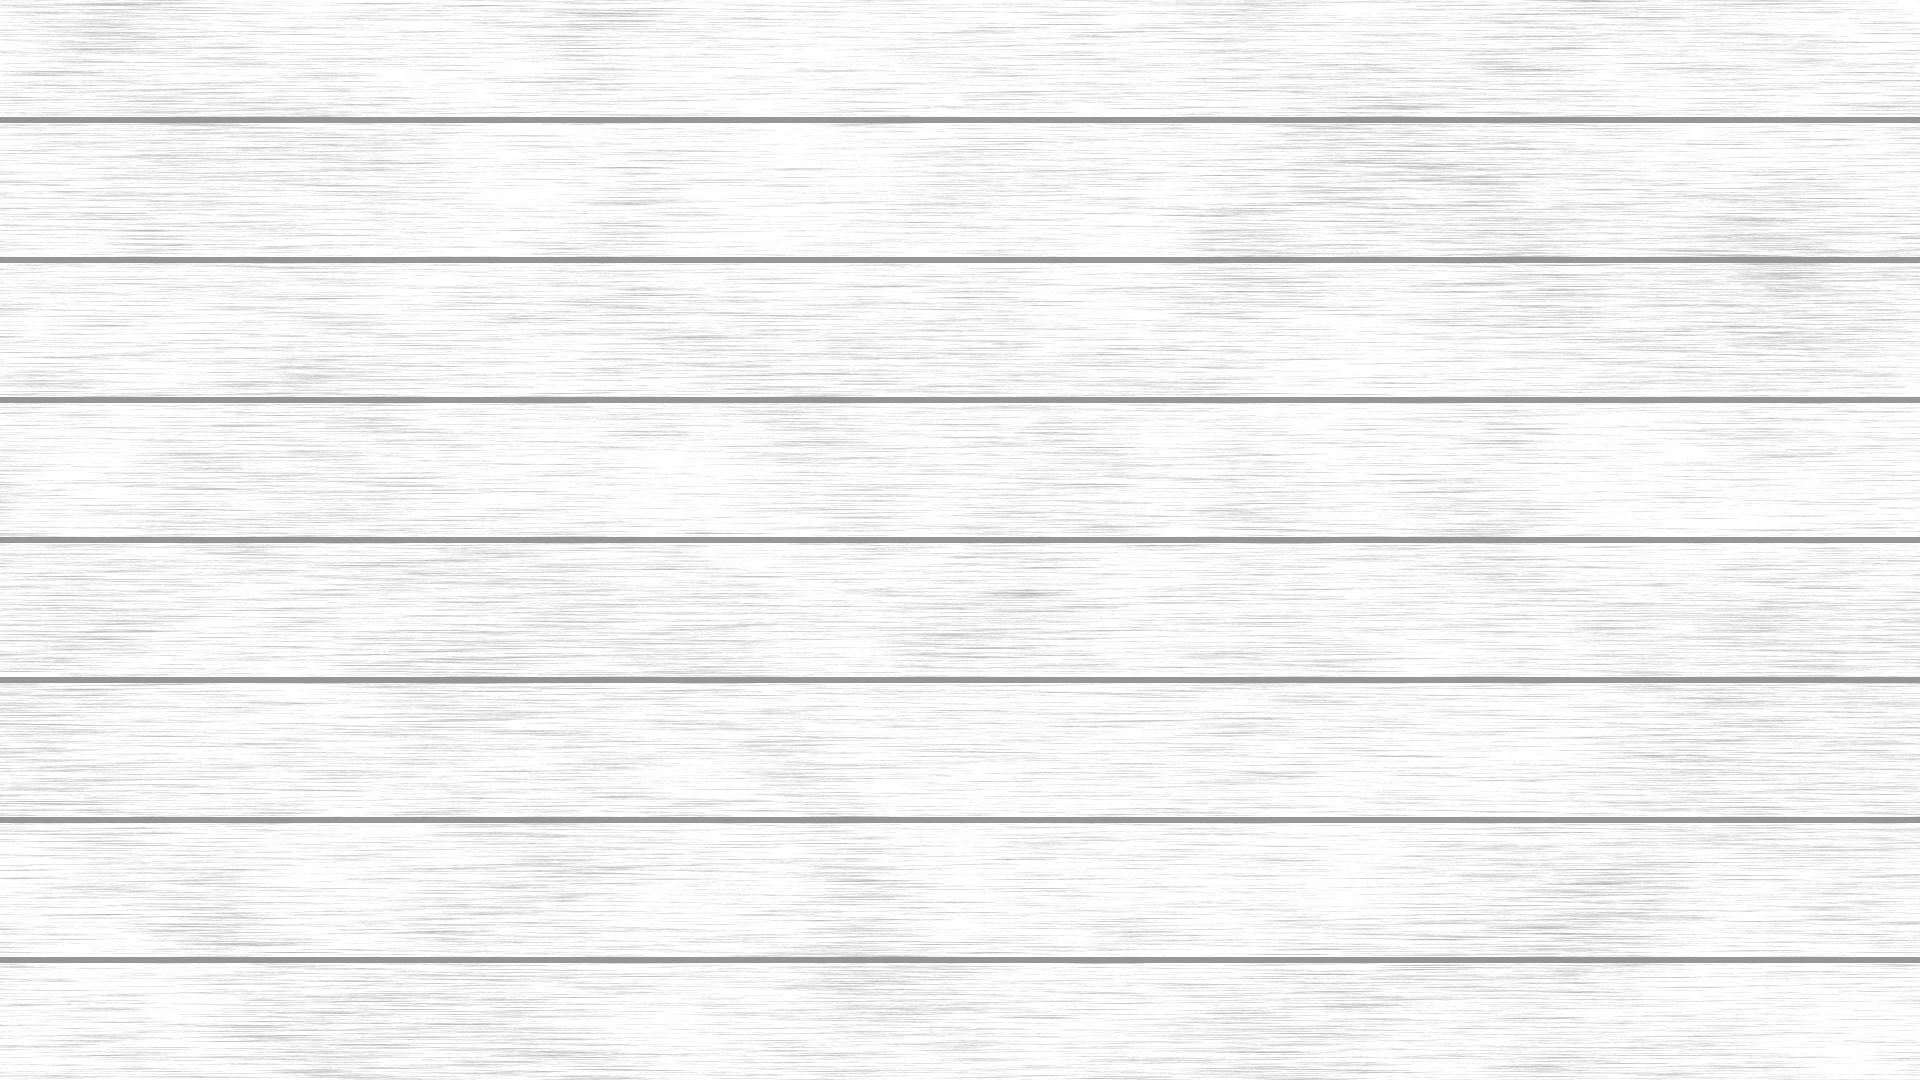 Zoomやskypeでのテレワークや打ち合わせに使える無料のバーチャル背景素材 カフェの窓際の席 バーチャル背景のフリー素材集 V背景